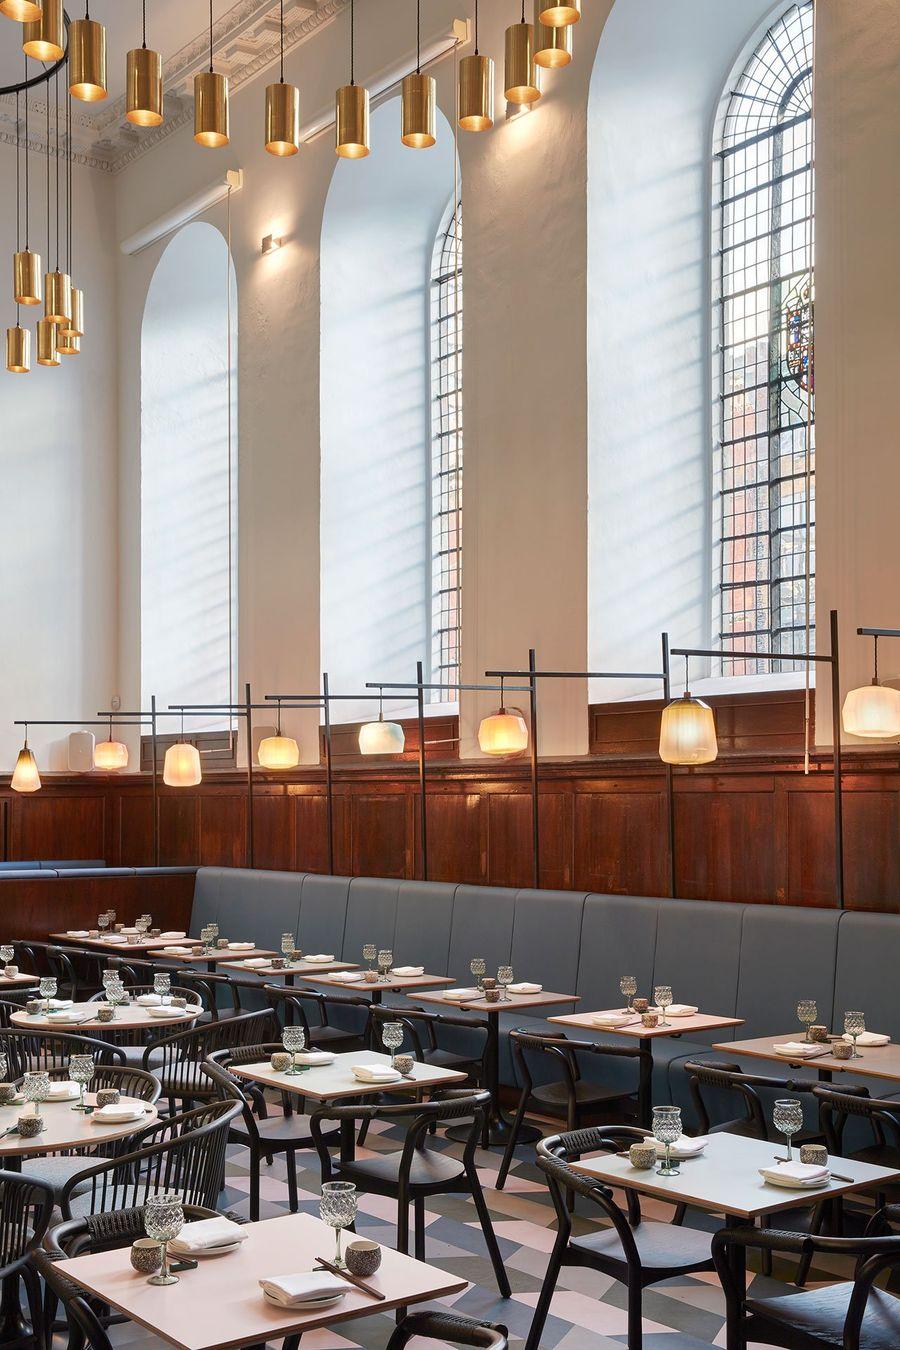 圣托马斯教堂里的茶餐厅 | Michaelis Boyd